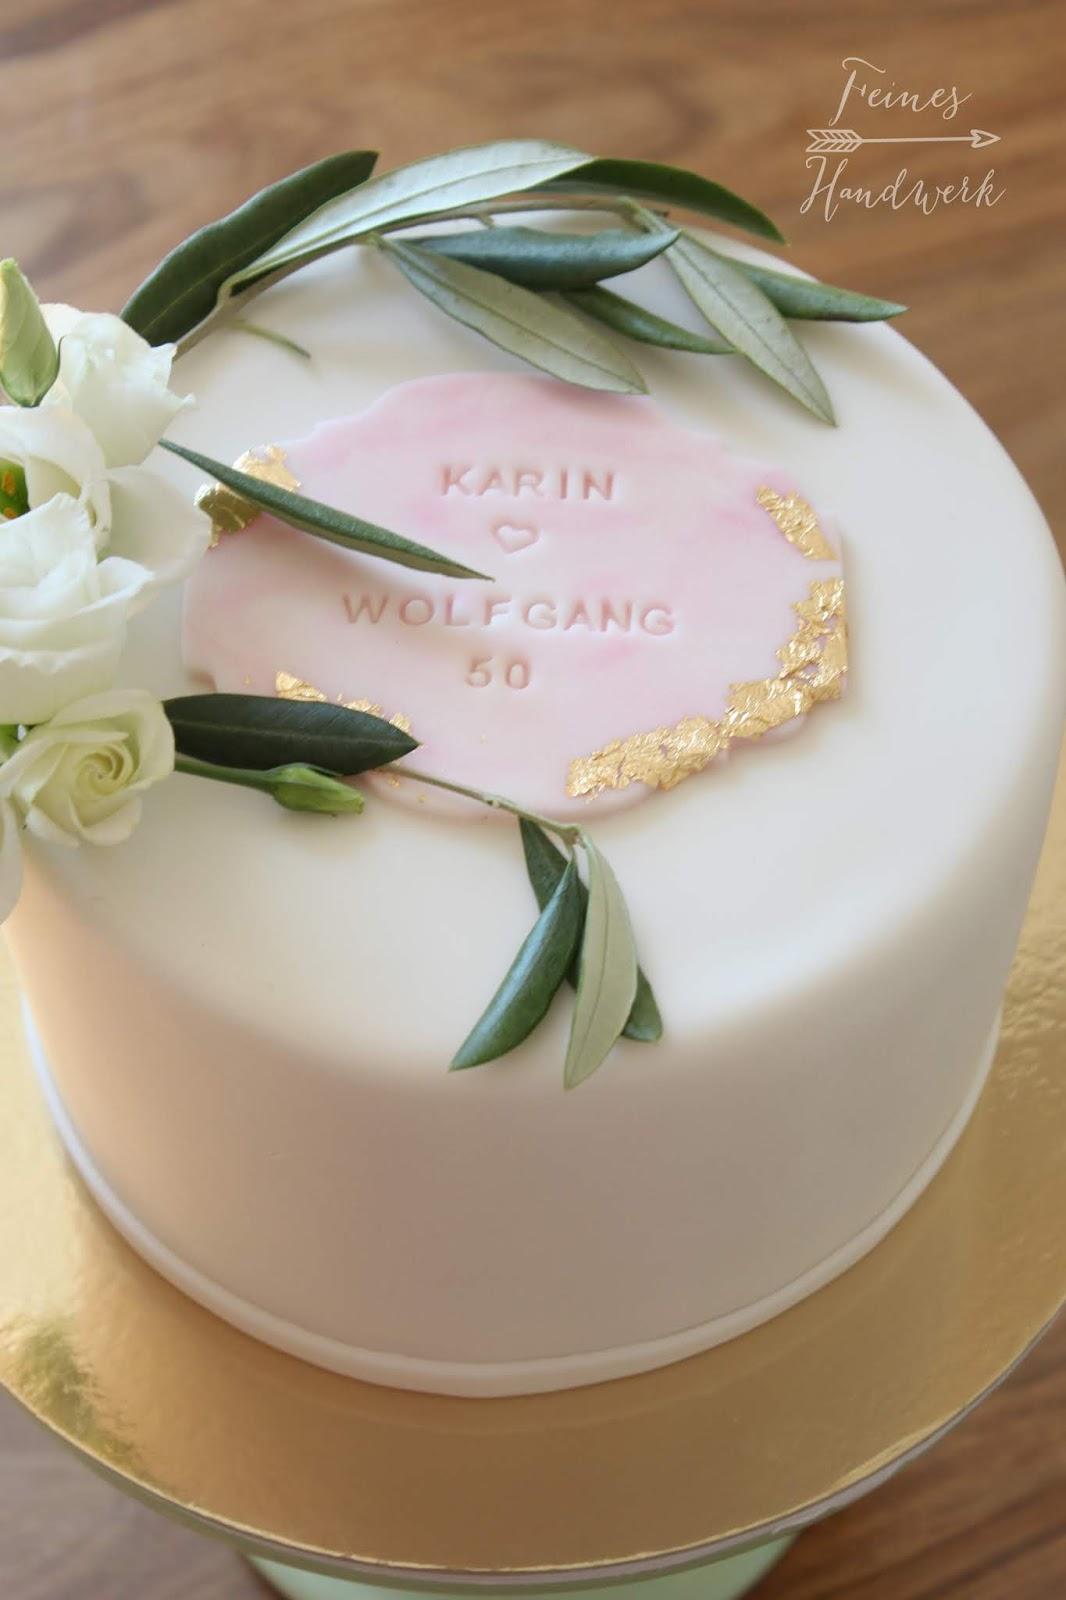 Feines Handwerk Elegante Blattgold Torte Zur Goldenen